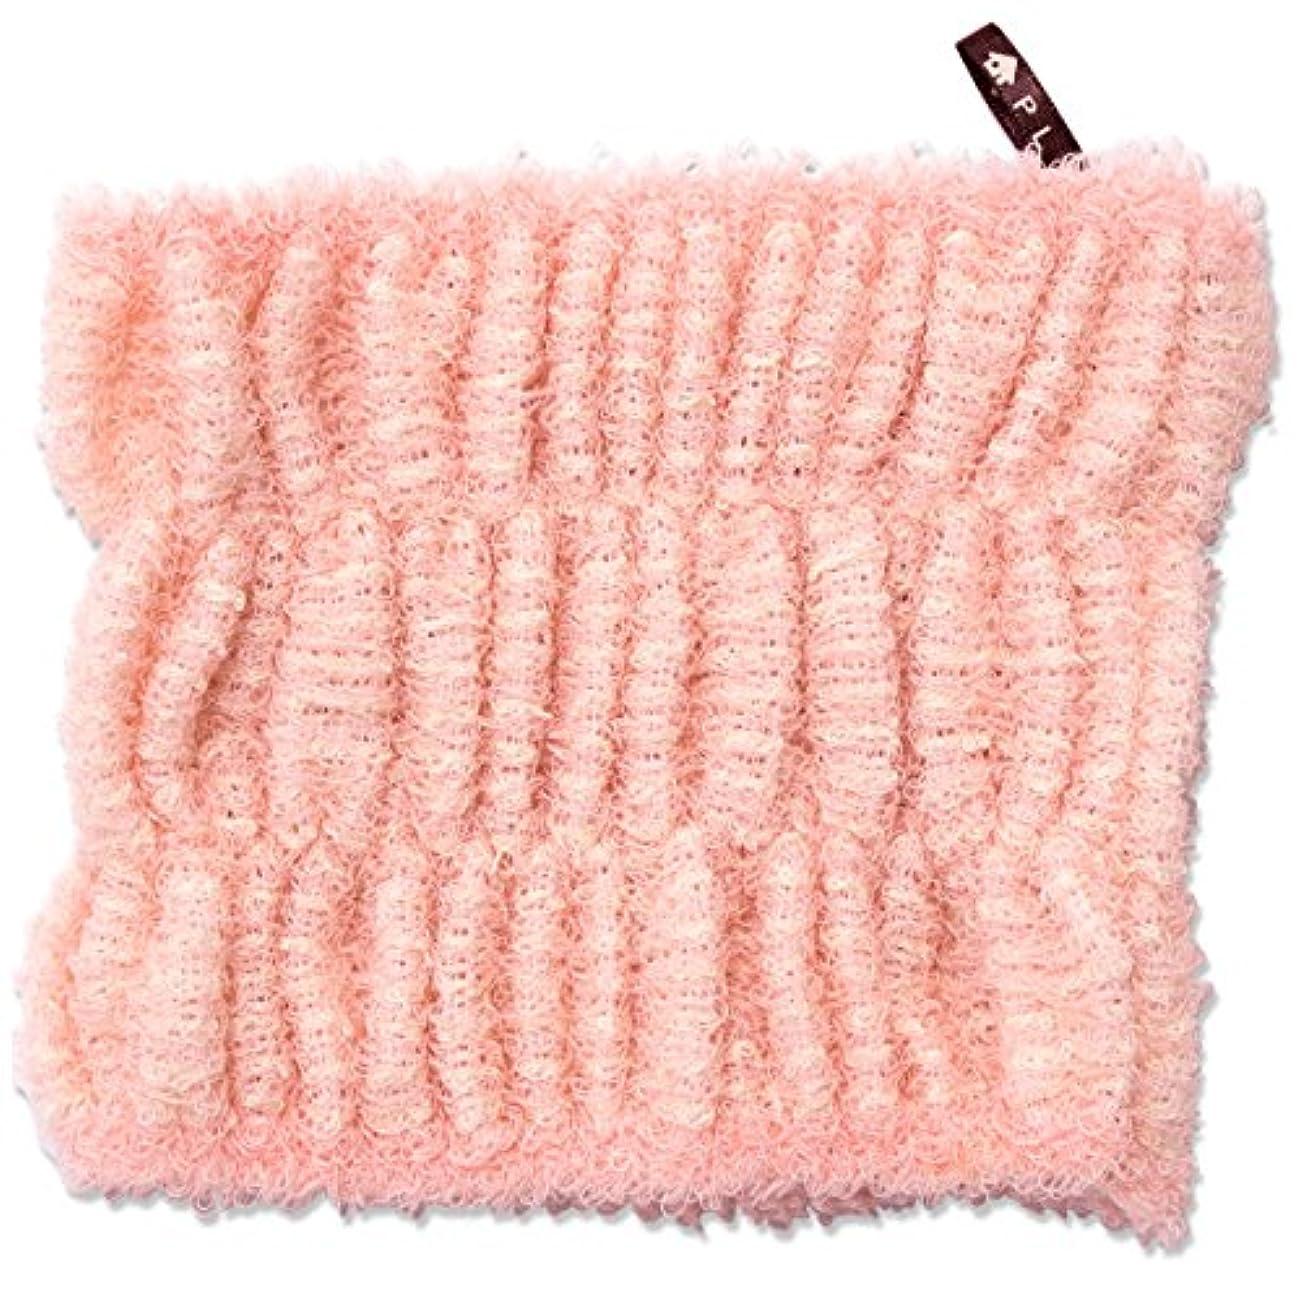 贈り物縞模様の論文オカ PLYS (プリス) バスミューズ ミレニアム バスヘアターバン (ピンク)